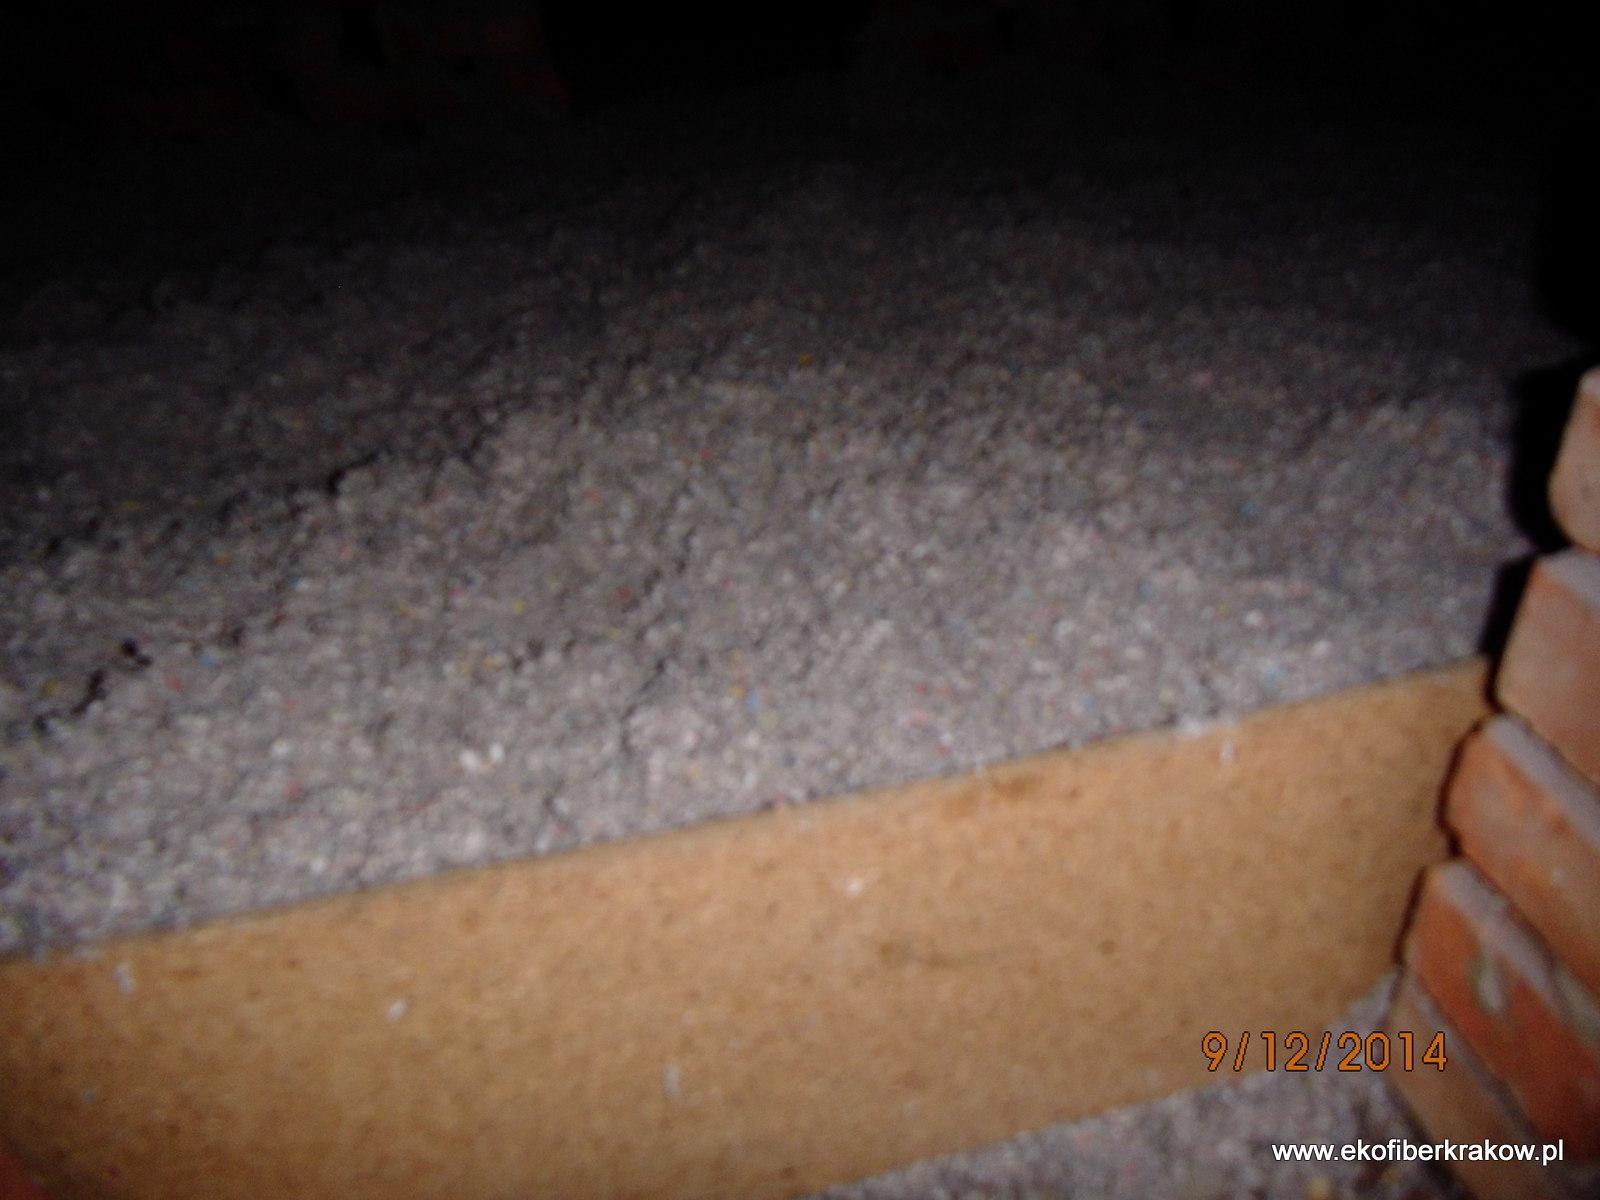 Ocieplenie stropodachu granulatem celulozowym Ekofiber z widoczną obstawka włazu